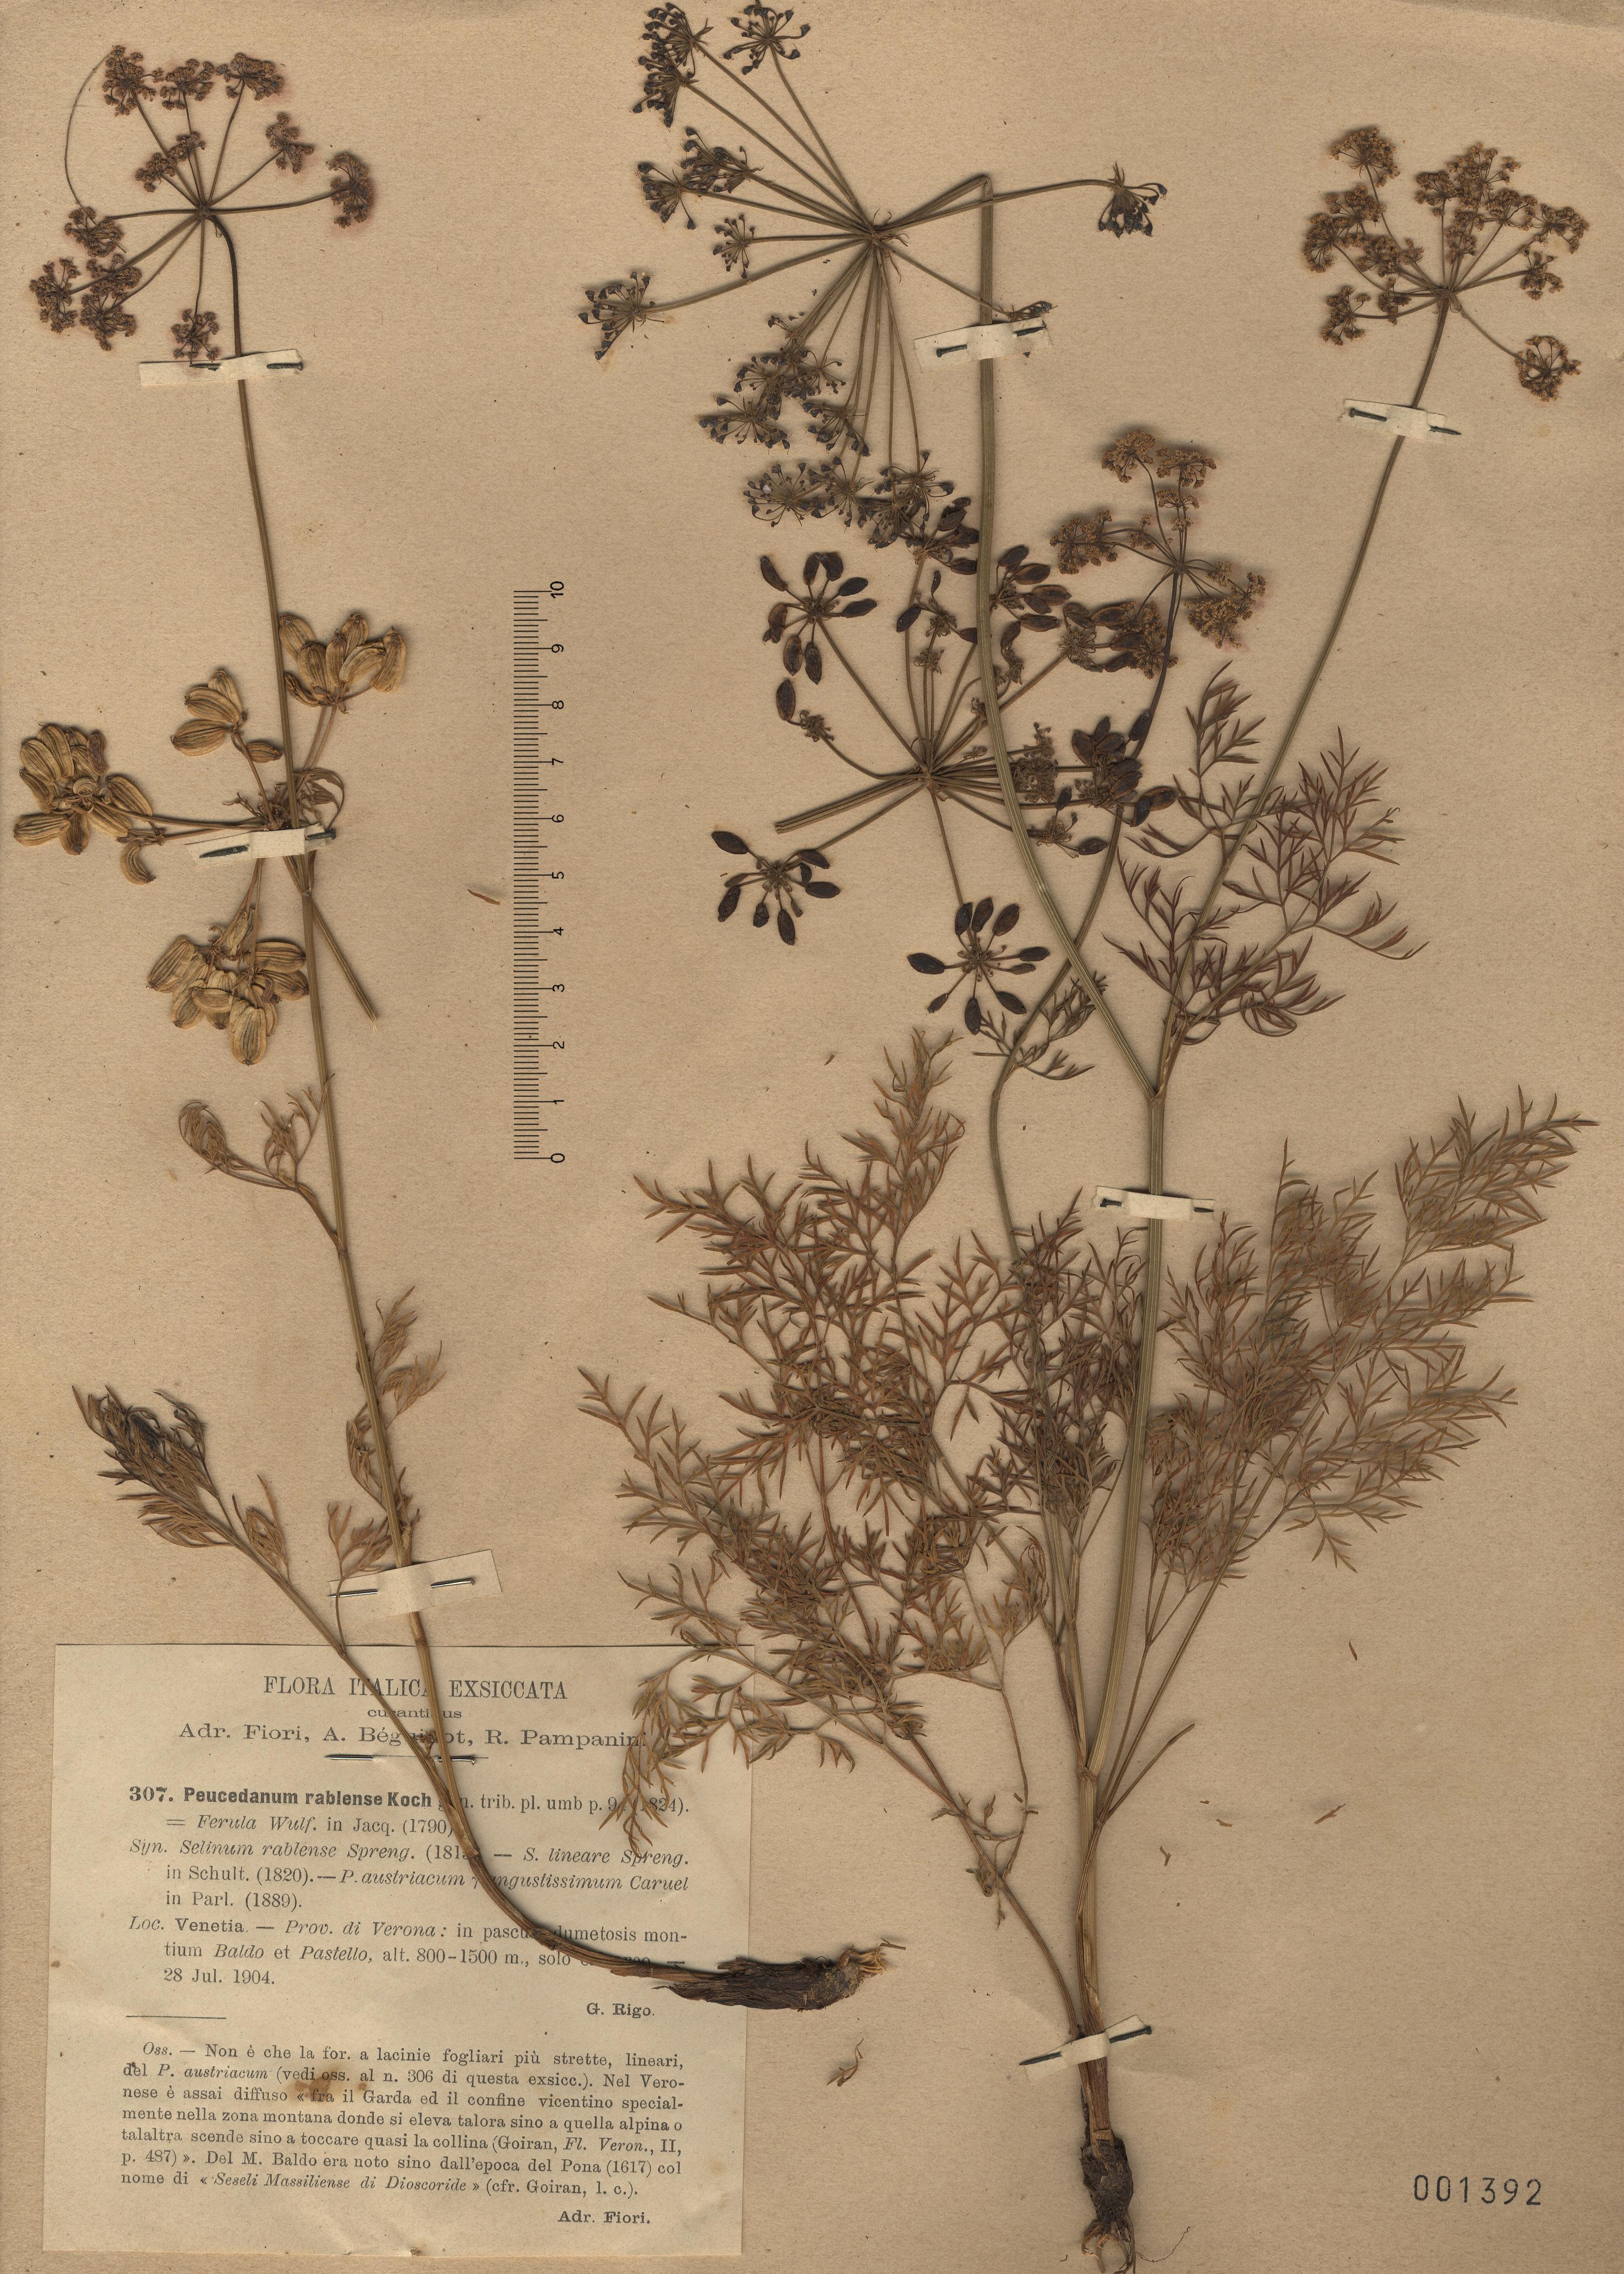 © Hortus Botanicus Catinensis - Herb. sheet 001392<br>